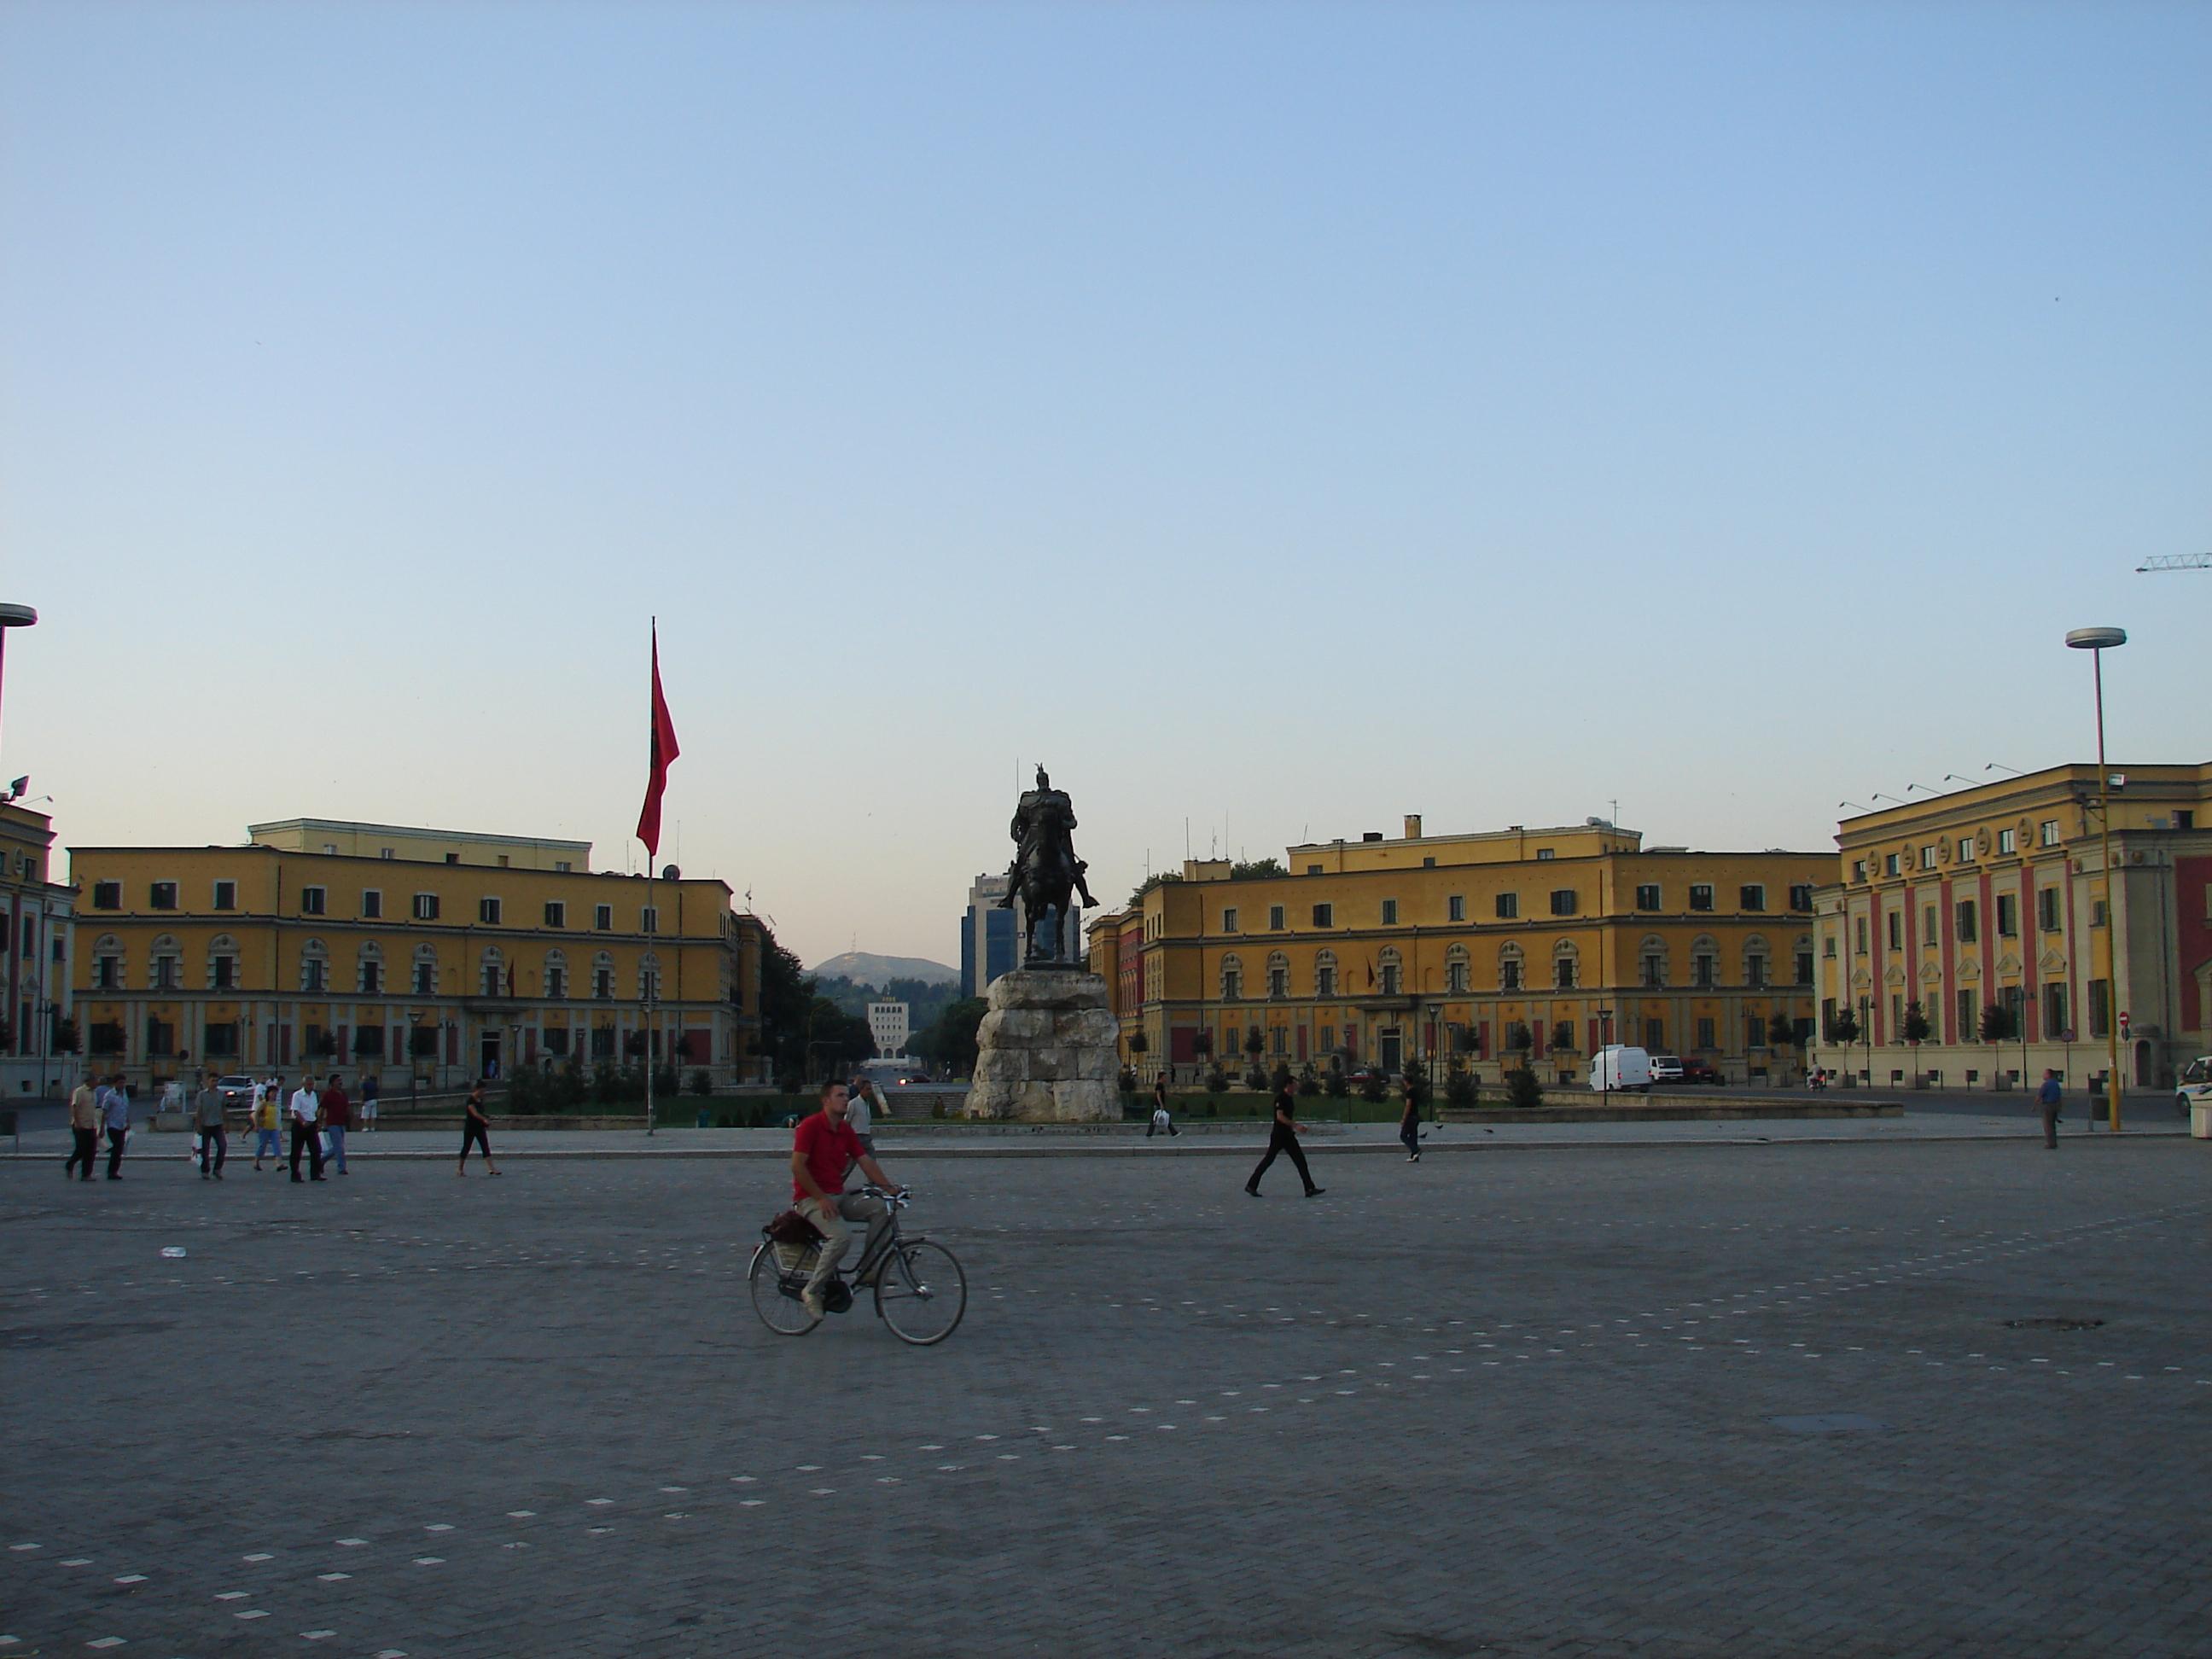 Tirana Skanderbeg Square - Tirana Wikipedia